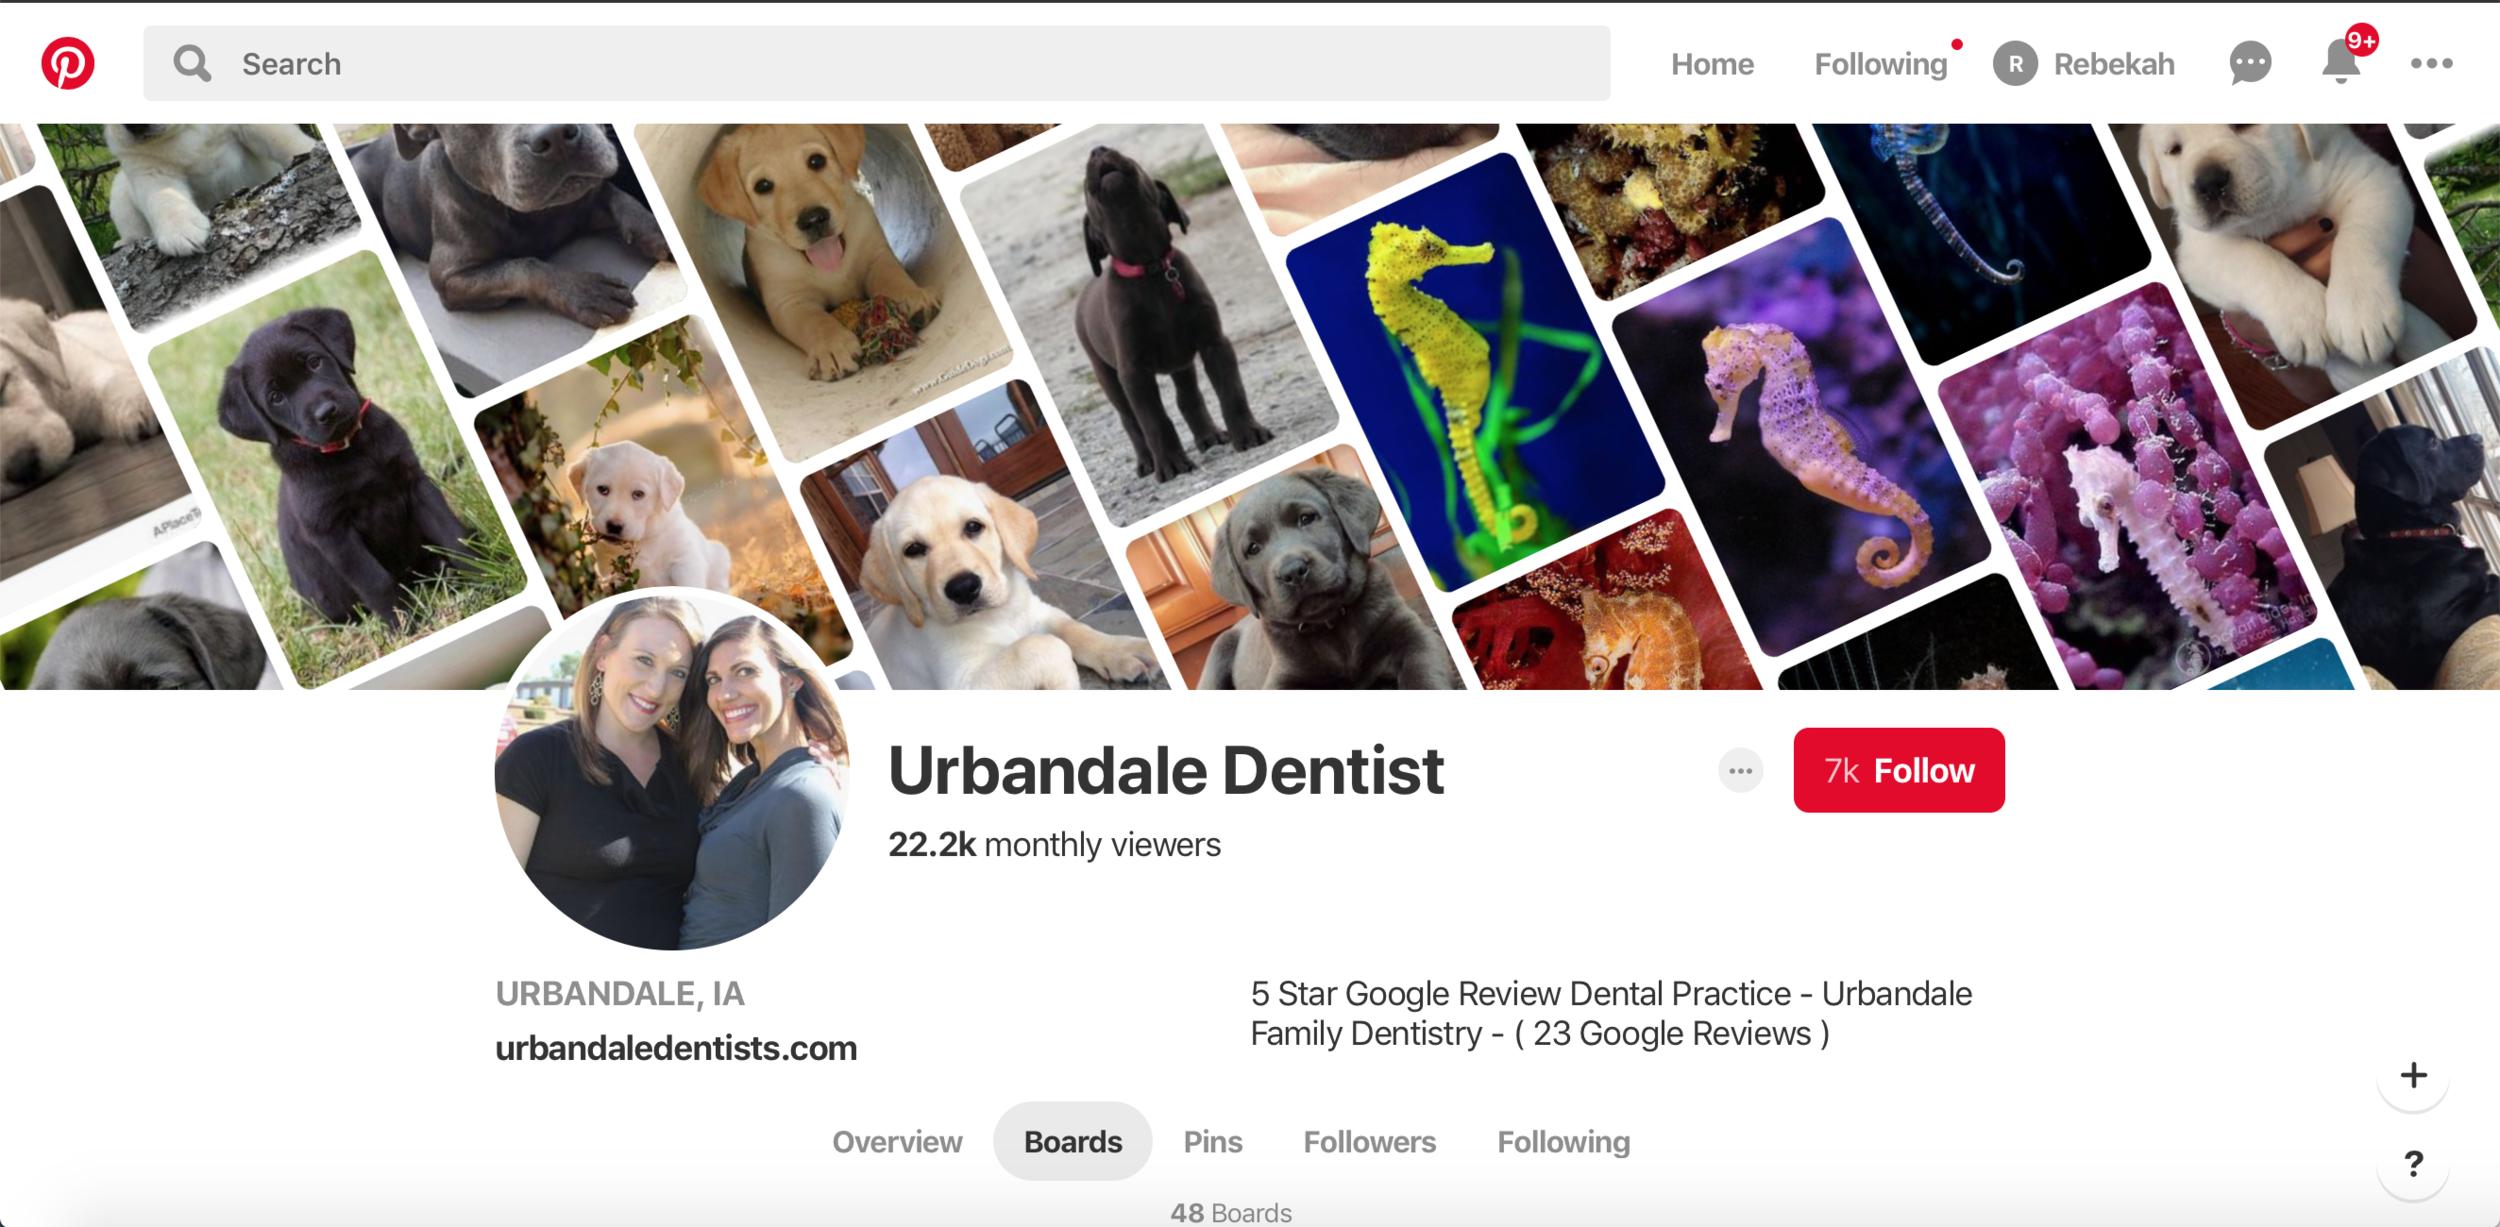 Dentist marketing ideas for social media marketing on Pinterest